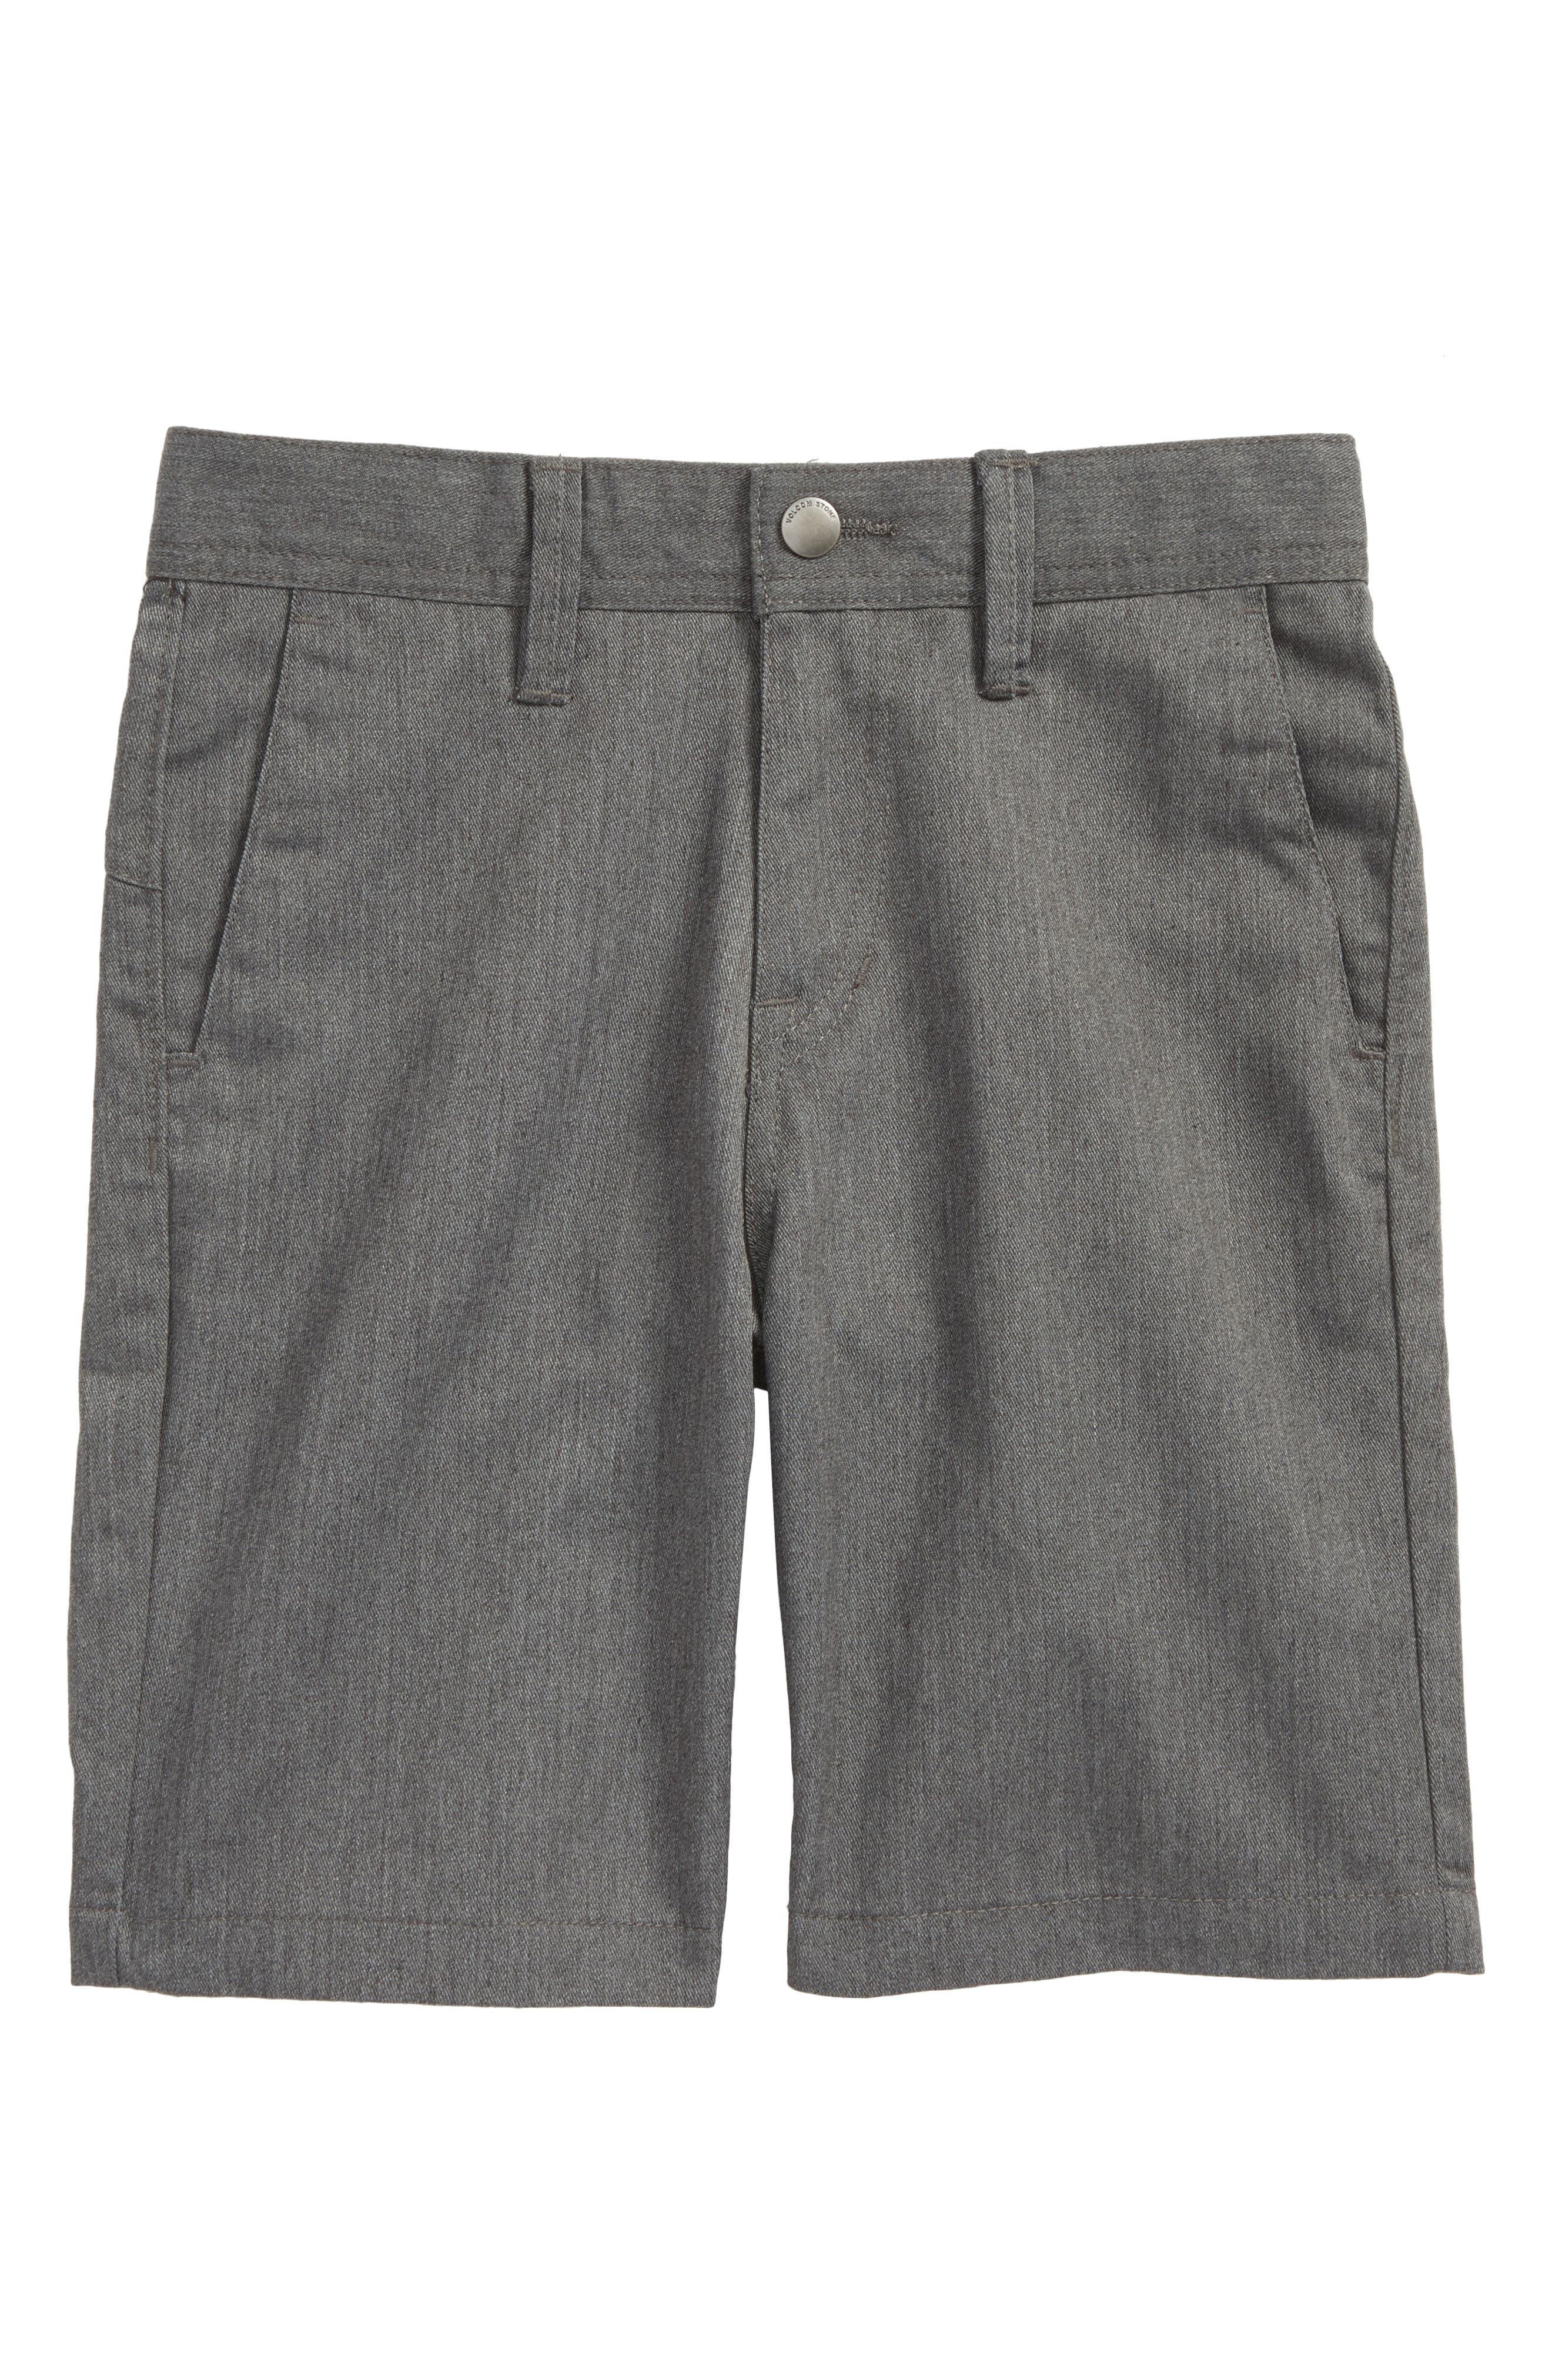 Chino Shorts,                             Main thumbnail 1, color,                             001